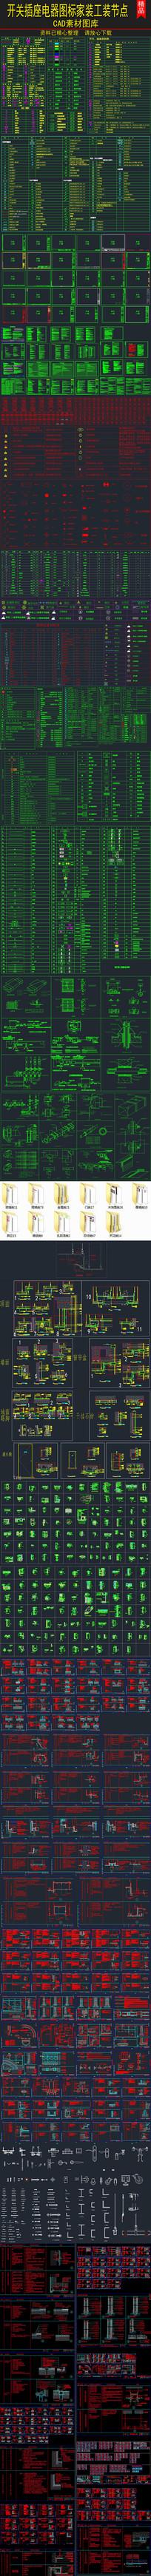 开关插座电器图标施工大样节点CAD素材